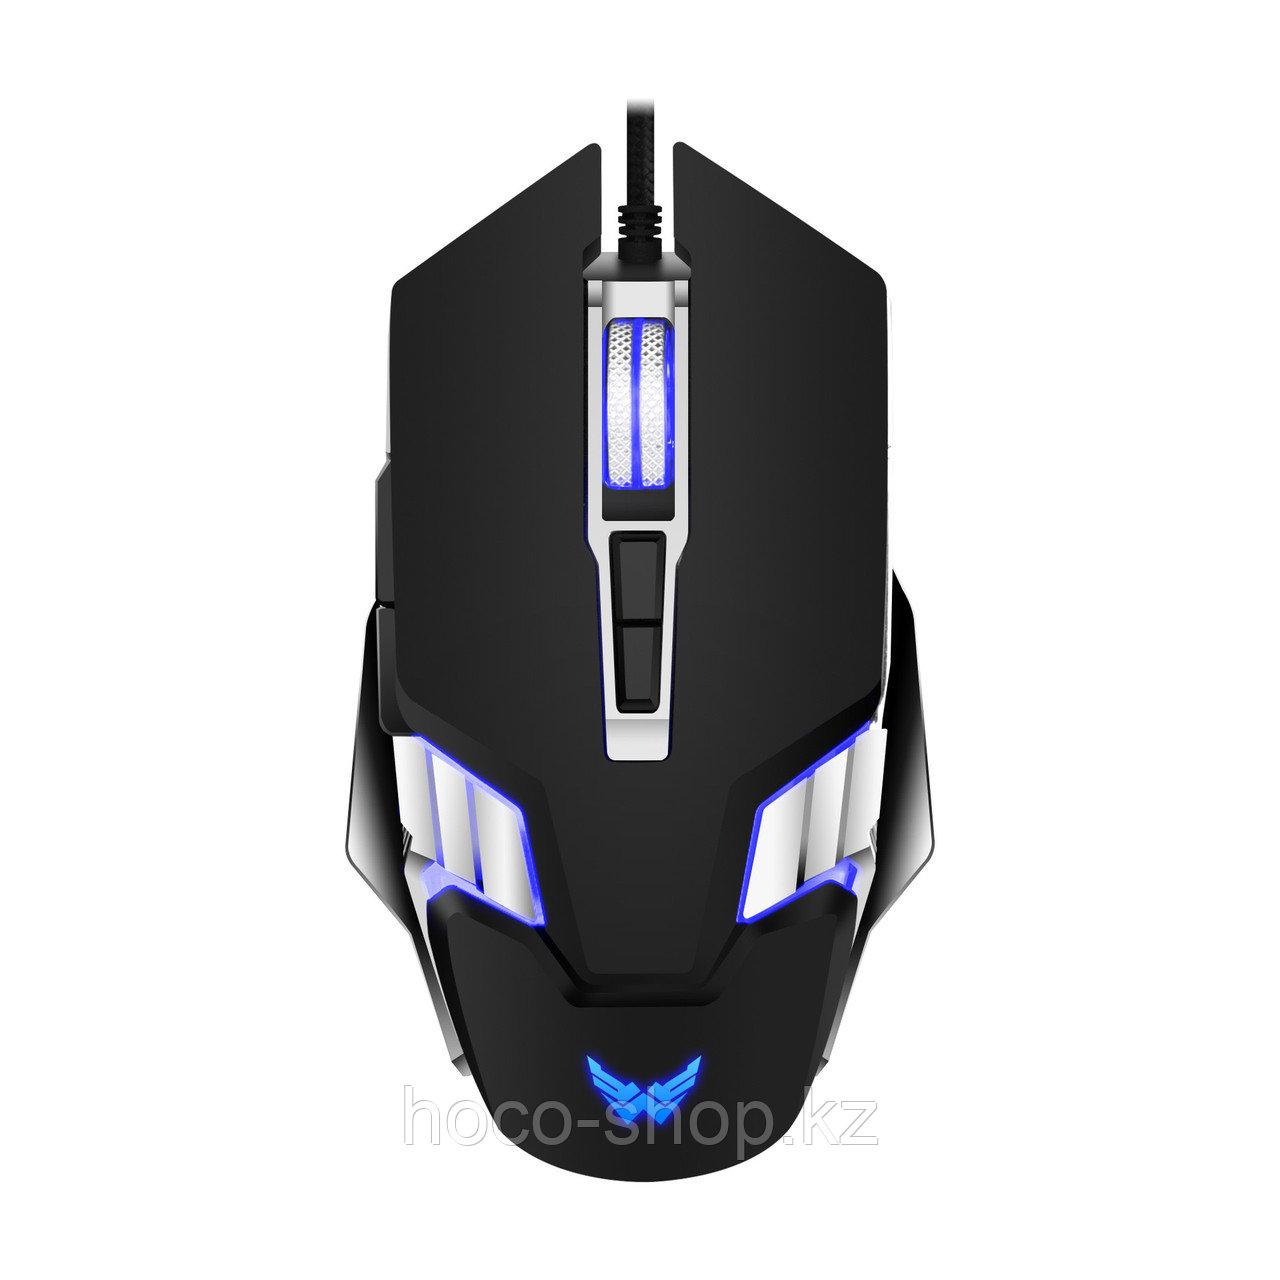 Игровая мышь Ice Armor GT-620 с поддержкой макросов, черная